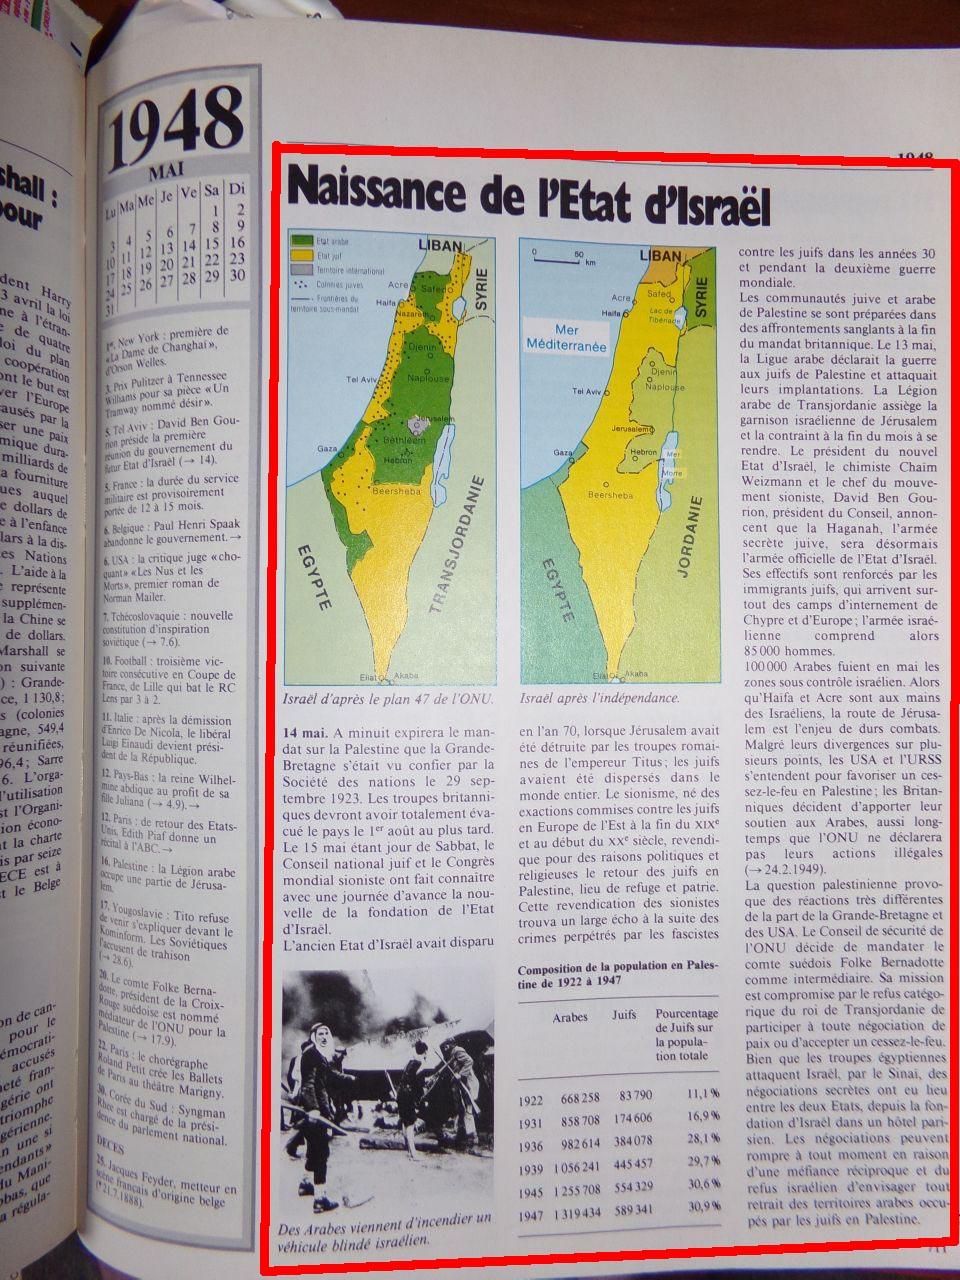 Un peu d'Histoire ...  L'origine de la création de l'état d'israël, 1947 ou 19° siècle ?  Chroniquedu20esiecle-23